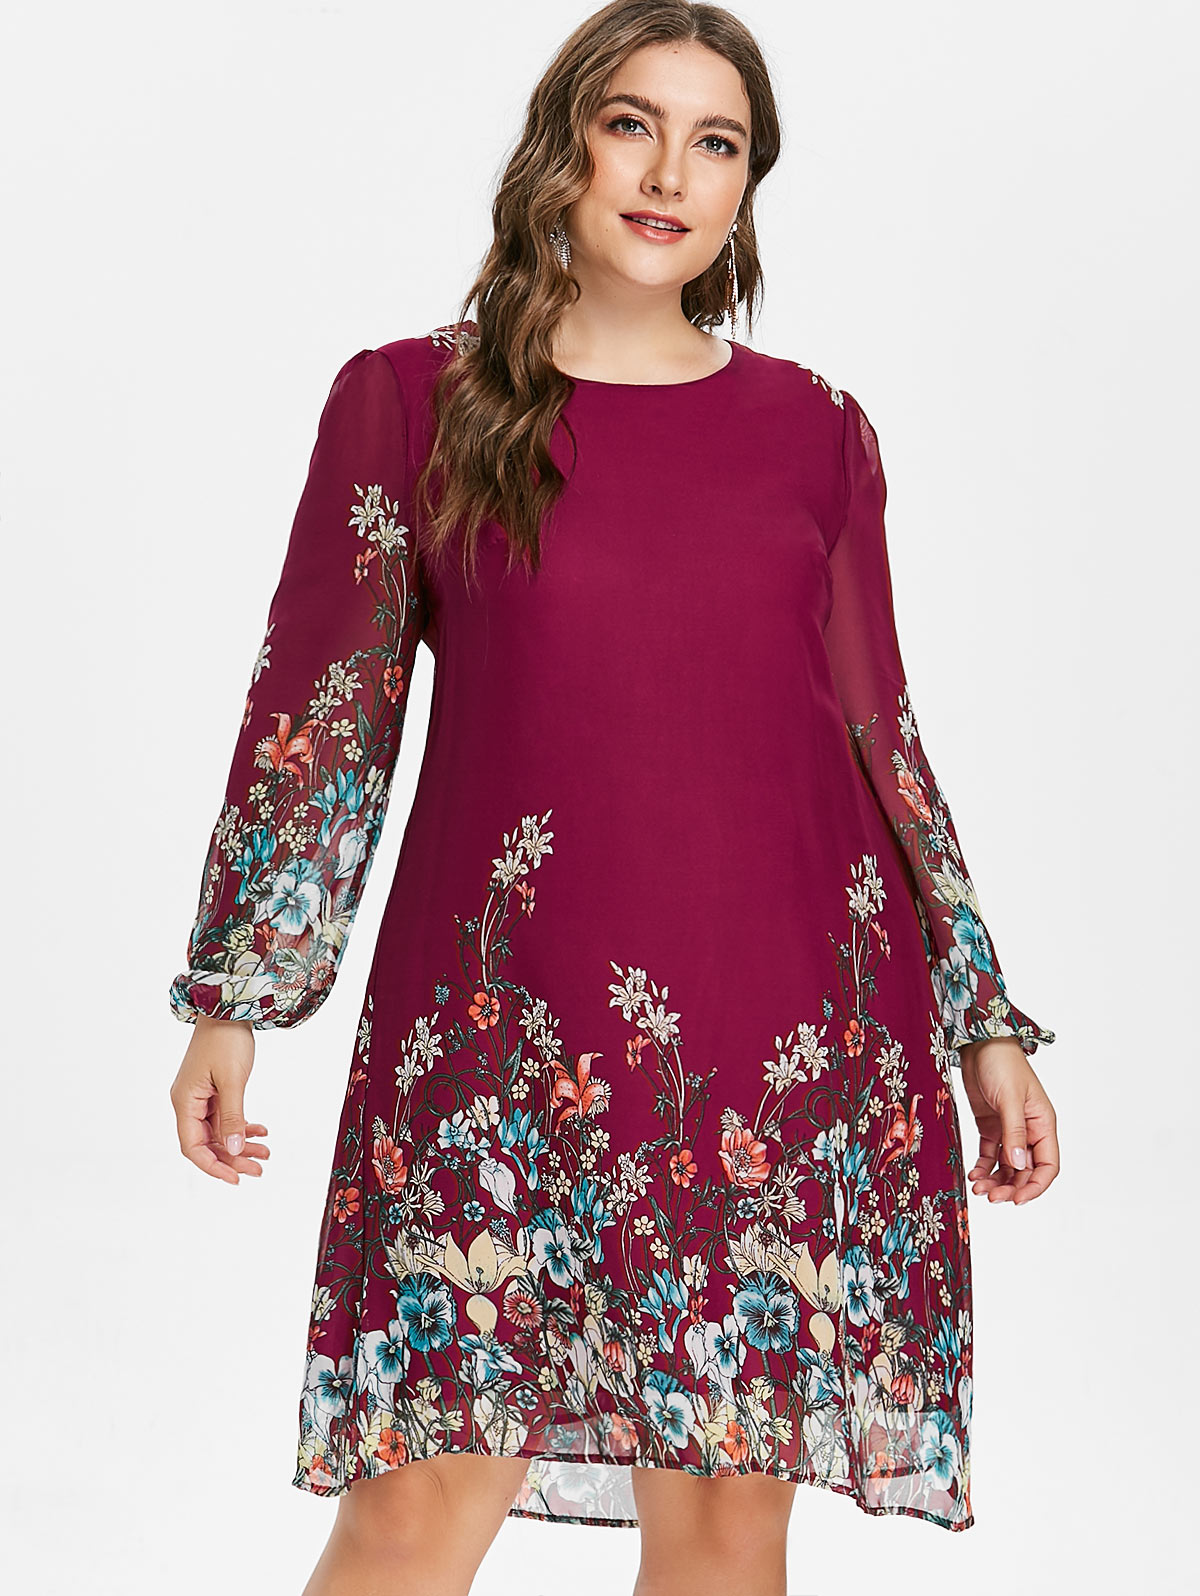 Wipalo-grande-taille-imprim-fleuri-tunique-femmes-robe-manches-longues-automne-l-gant-Tribal-fleur-imprimer